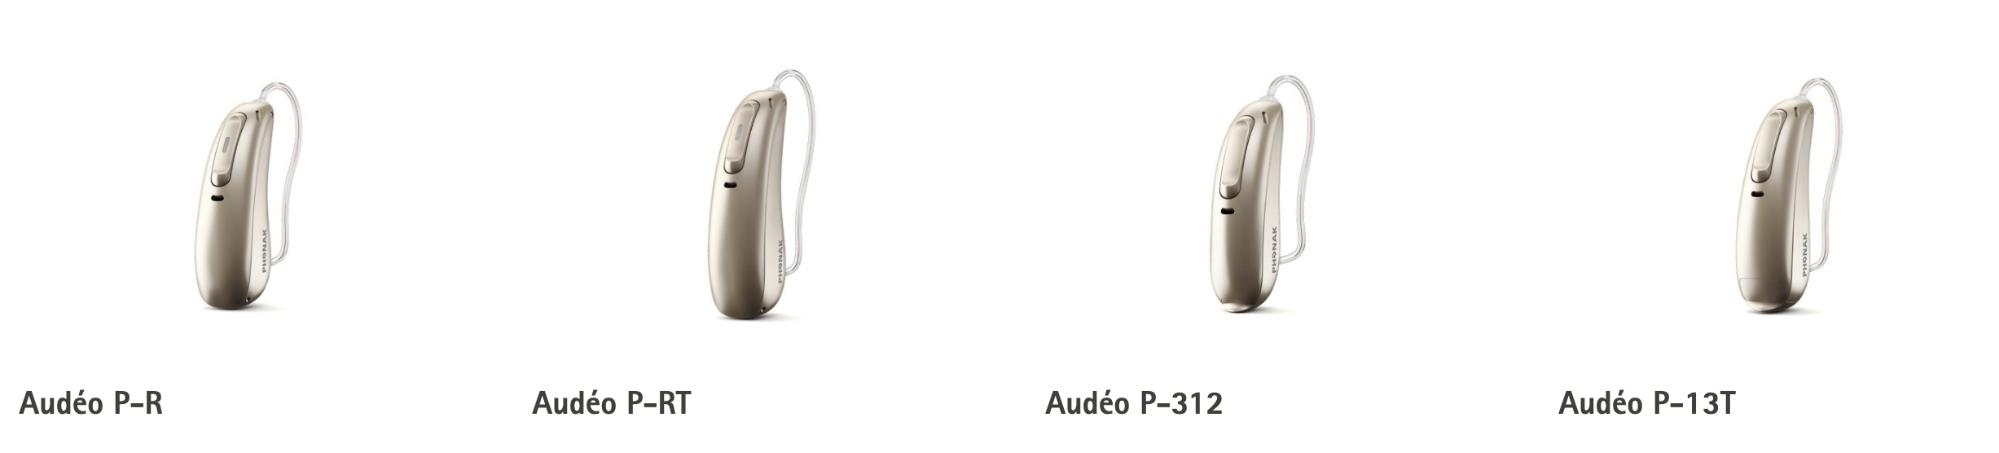 phonak audeo range